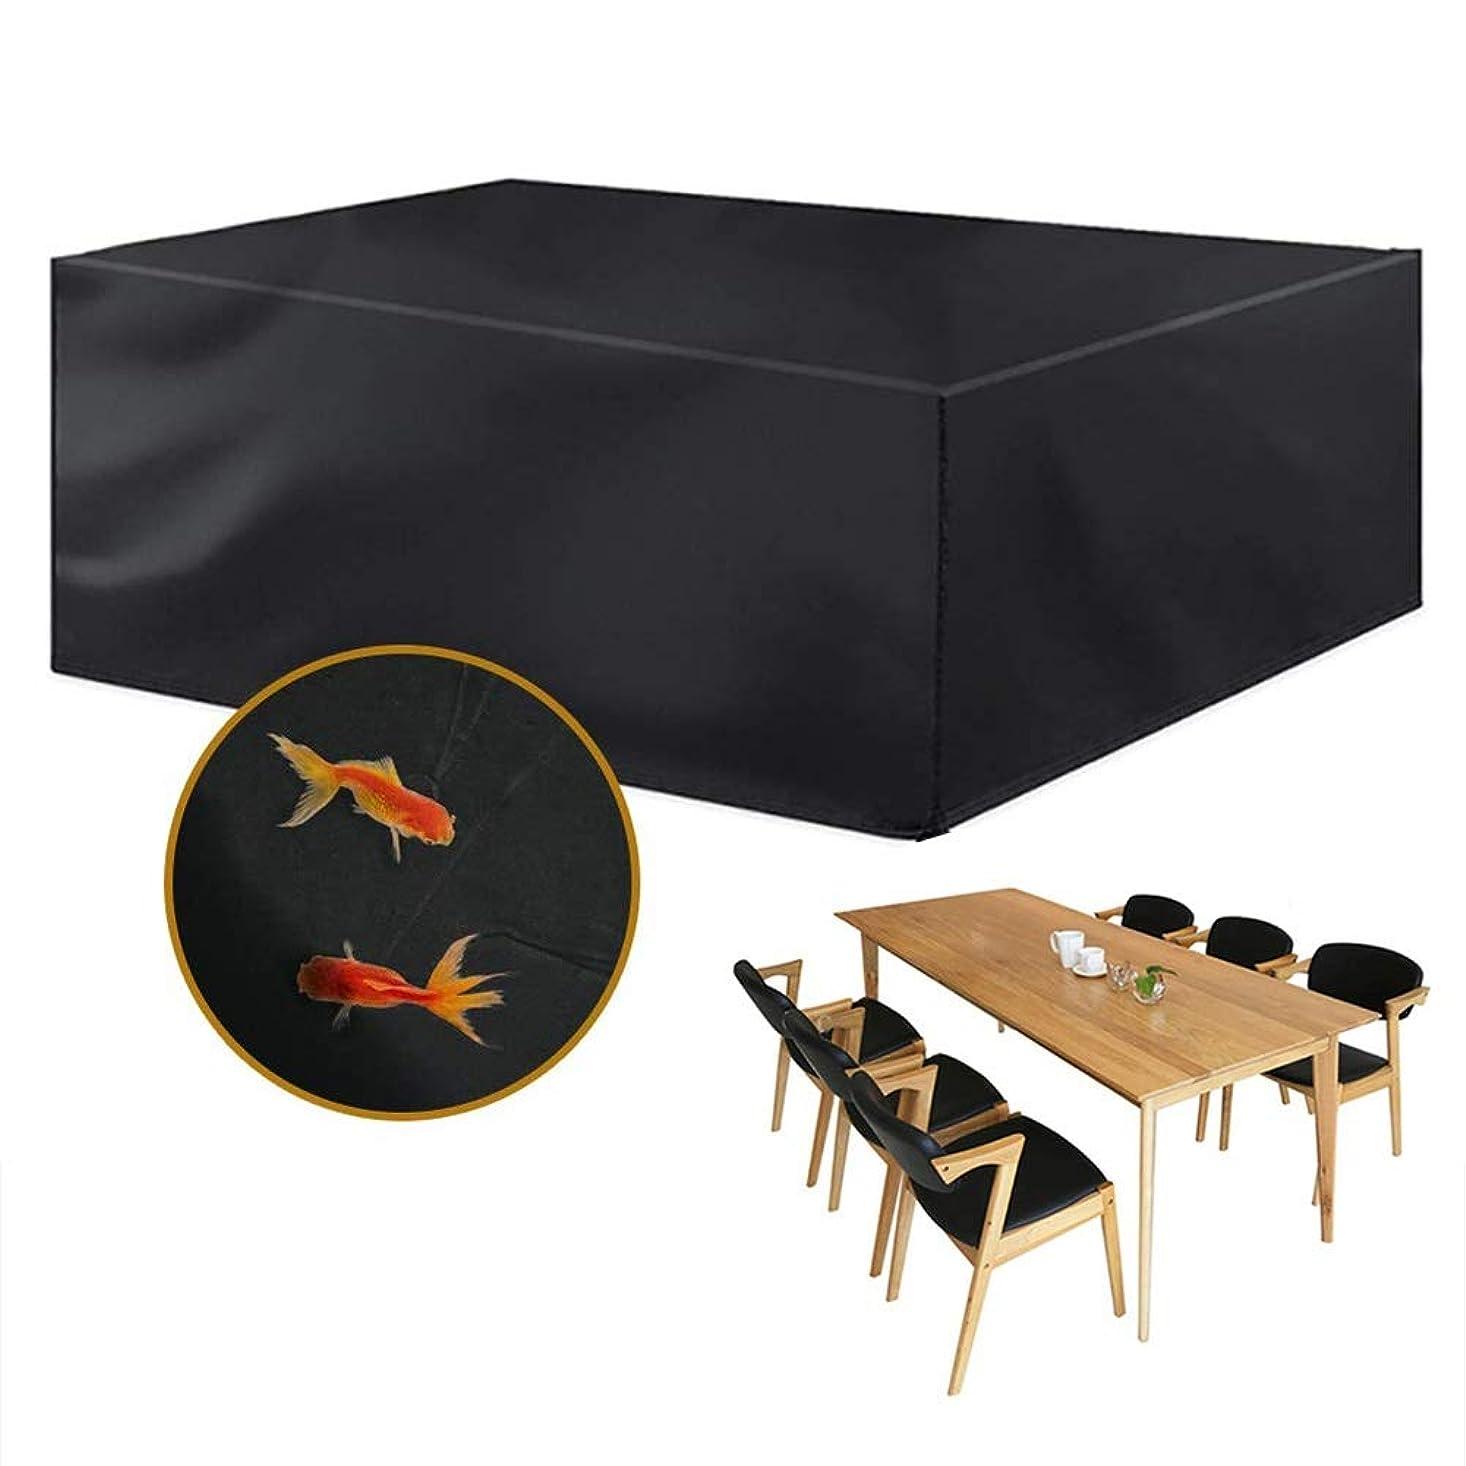 達成する上院ウナギLSXIAO ガーデン家具カバー 風と紫外線からの保護 長方形テーブルカバー 防水 ヘビーデューティーオックスフォードポリエステル 屋外パティオ家具セット、27サイズ (Color : Black, Size : 80x80x80cm)